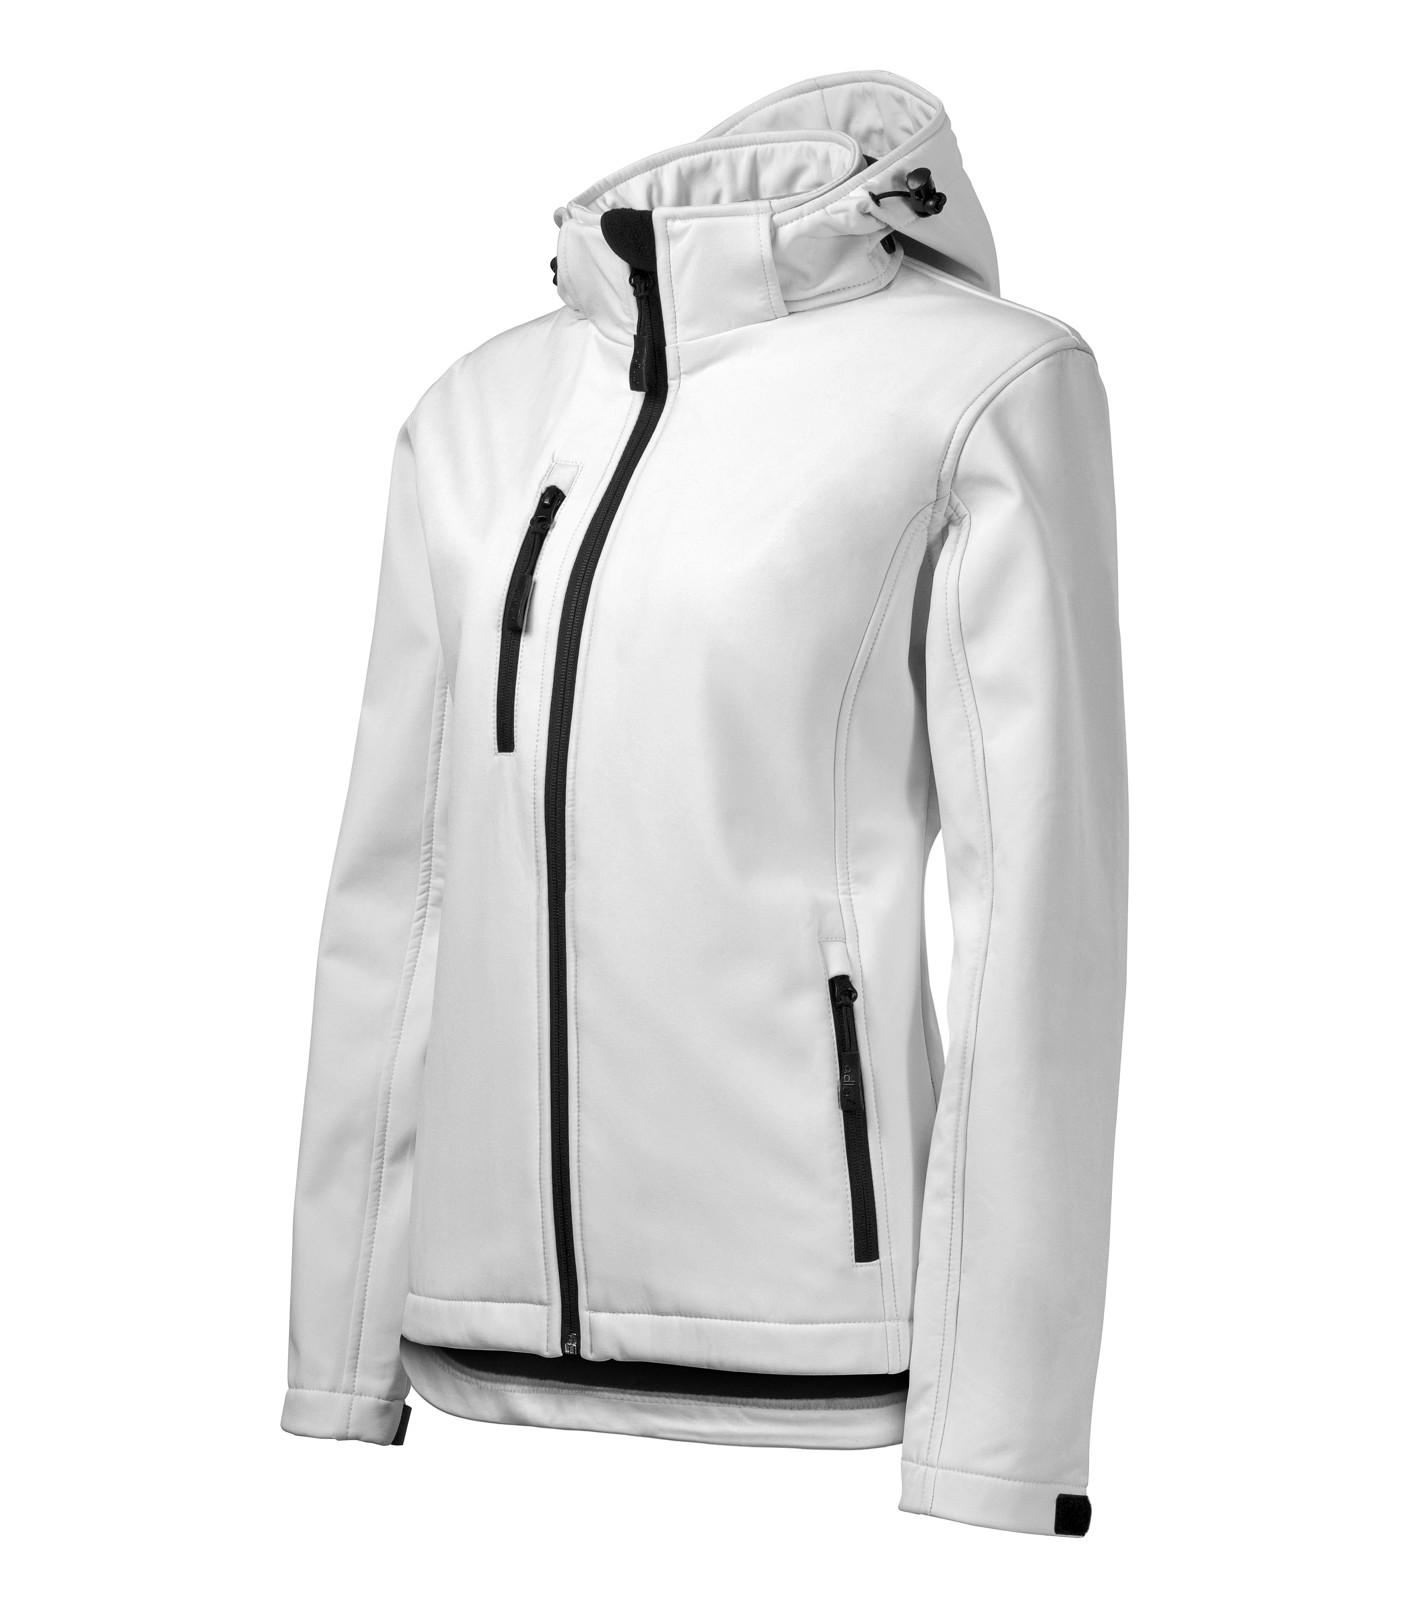 Softshellová bunda dámská Malfini Performance - Bílá / L